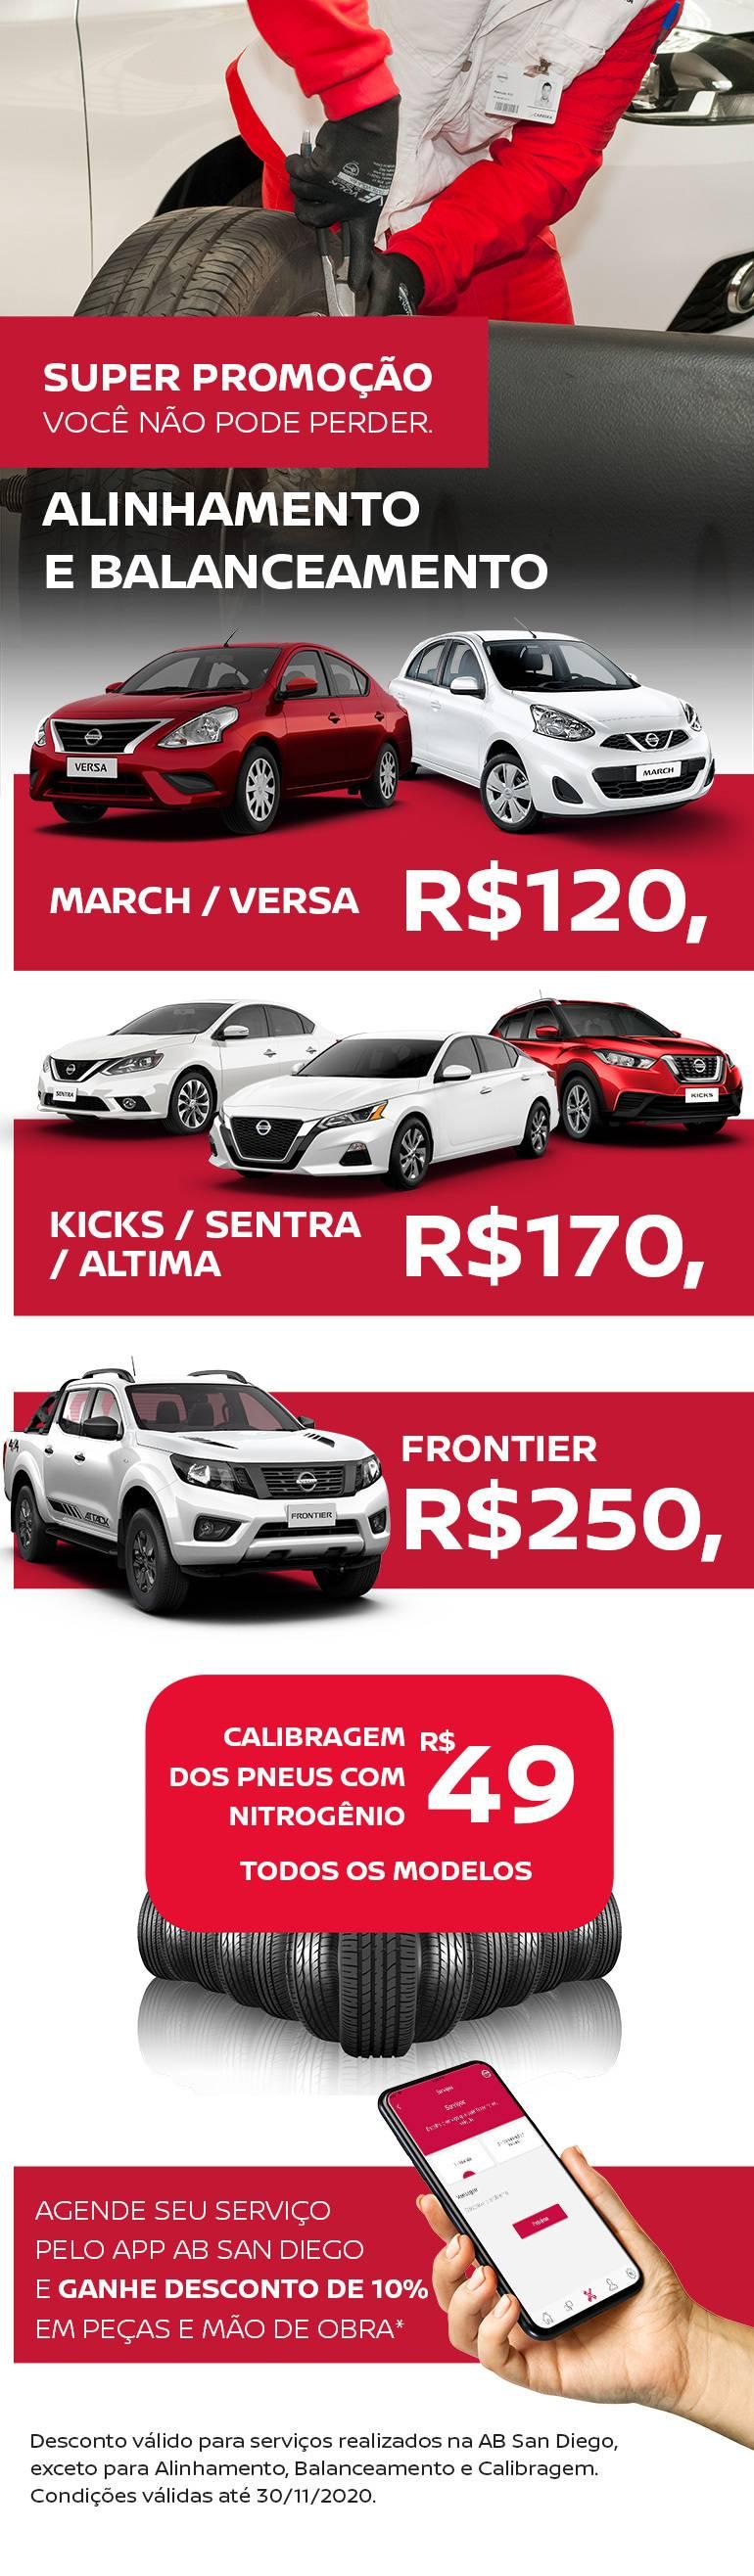 Alinhamento e Balanceamento - Nissan